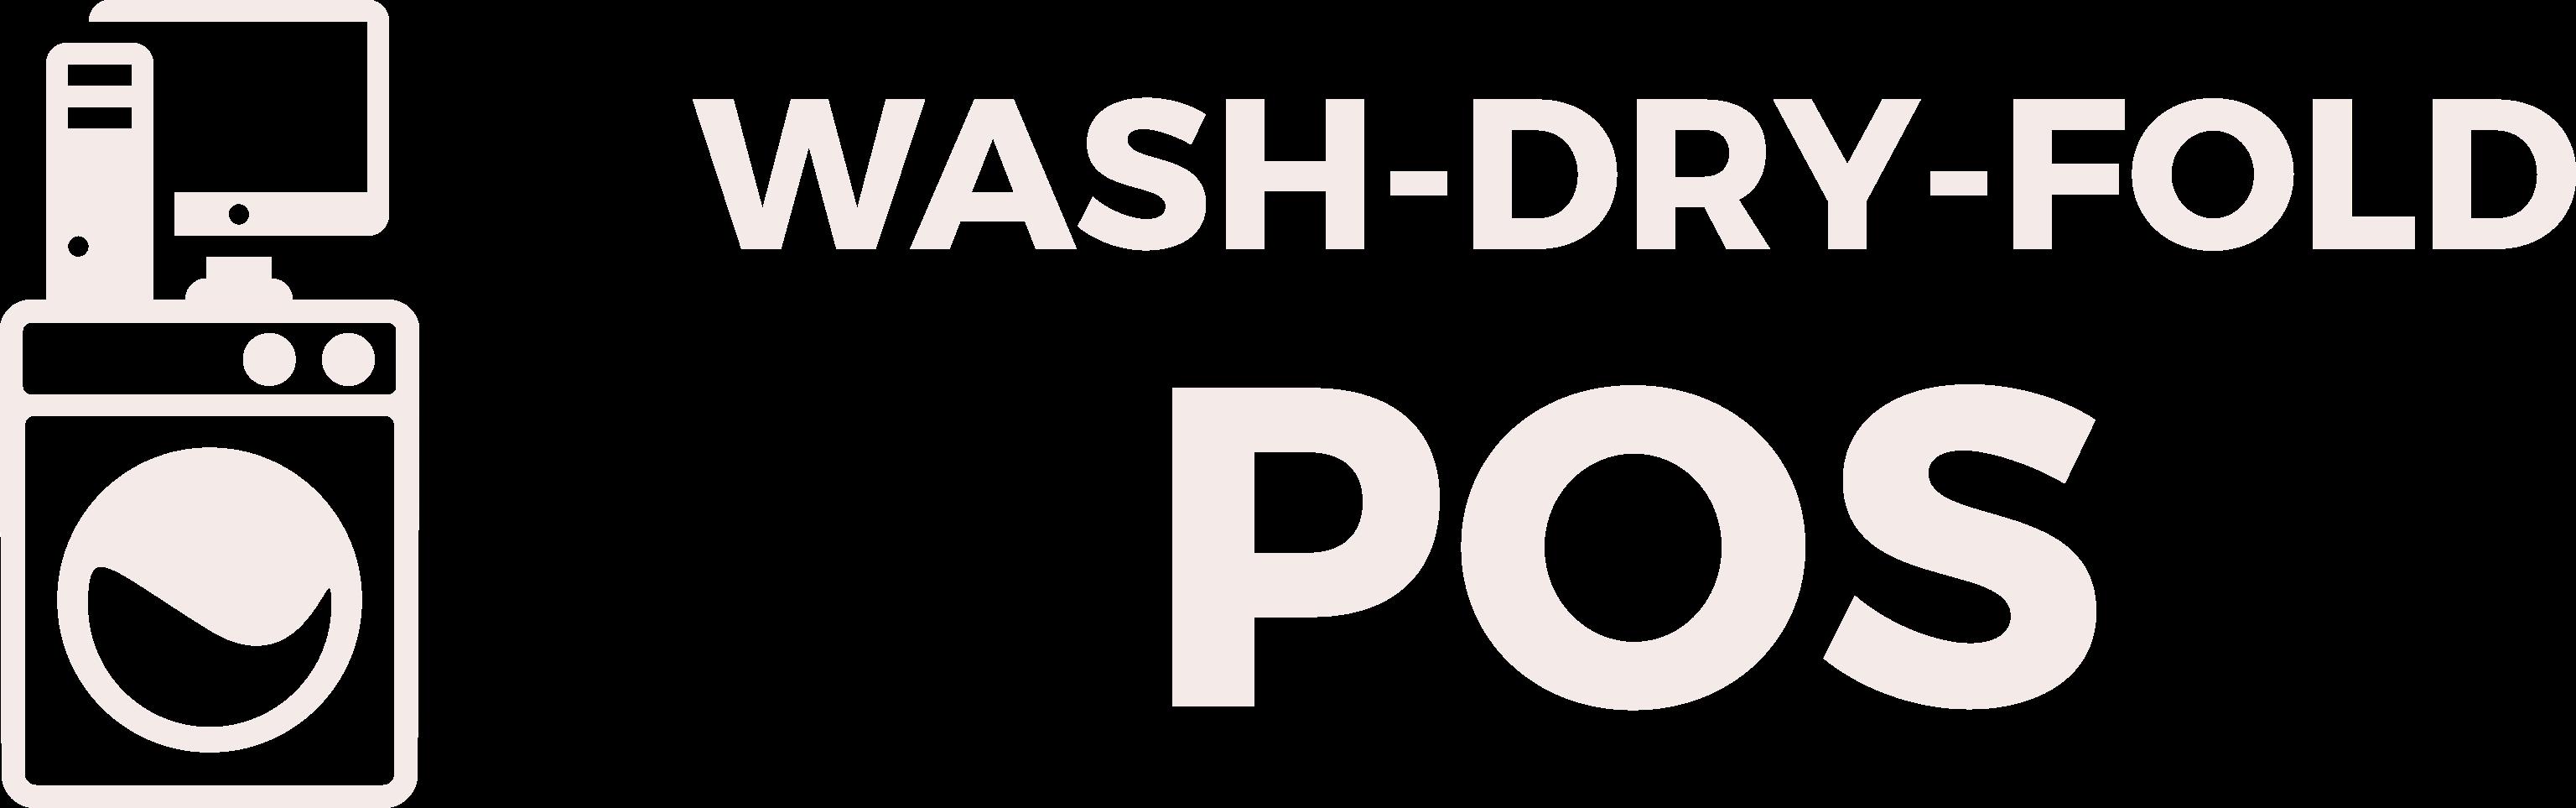 Wash-Dry-Fold POS